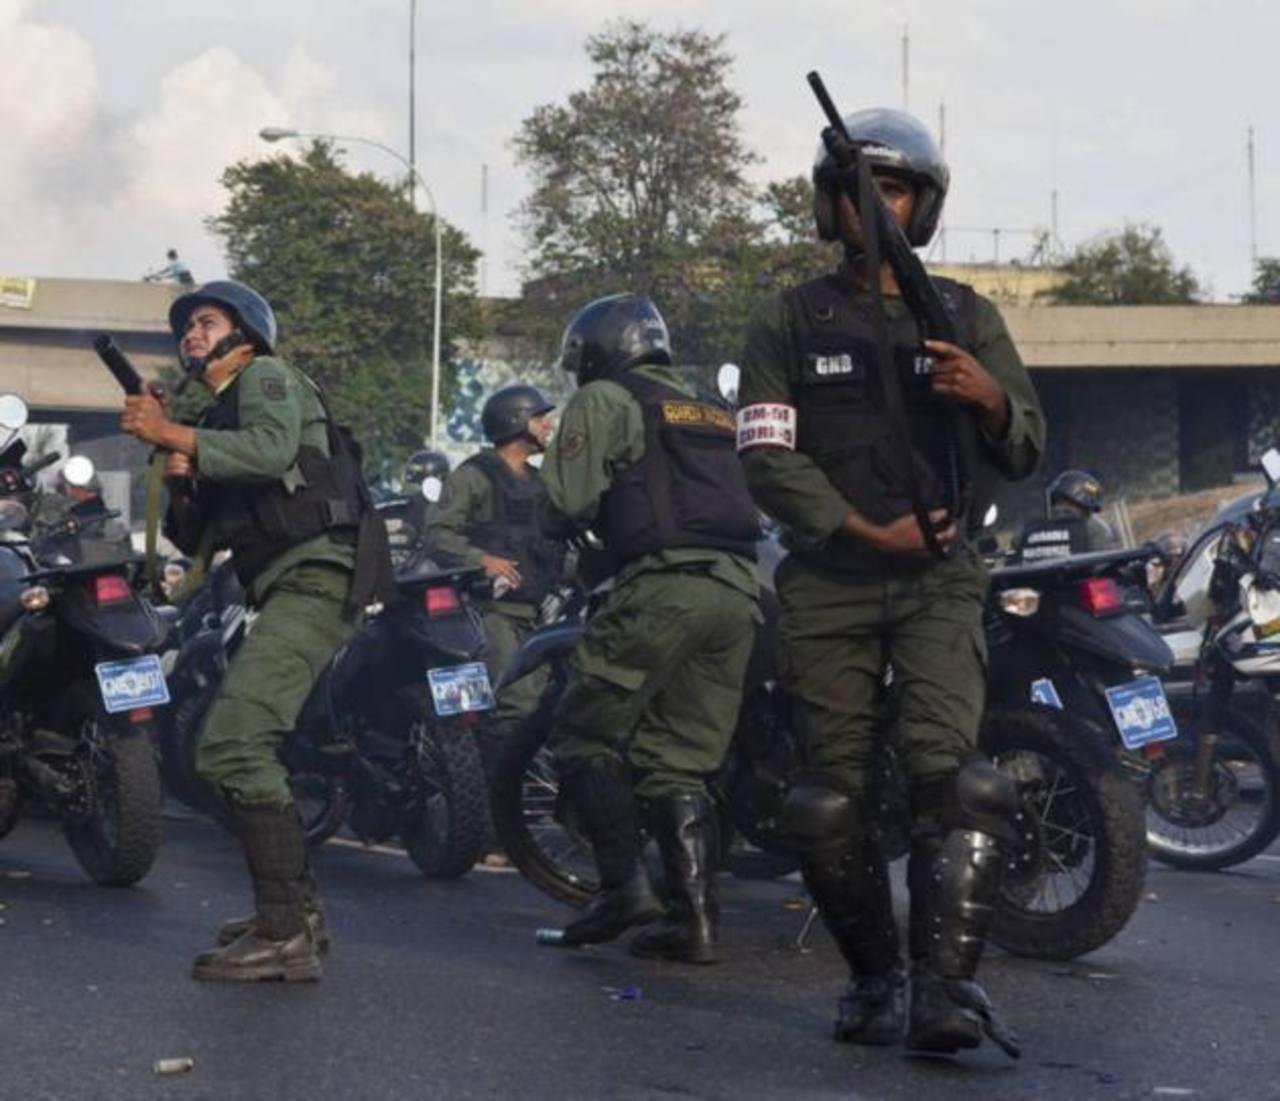 España dejará de vender material antidisturbio a Venezuela